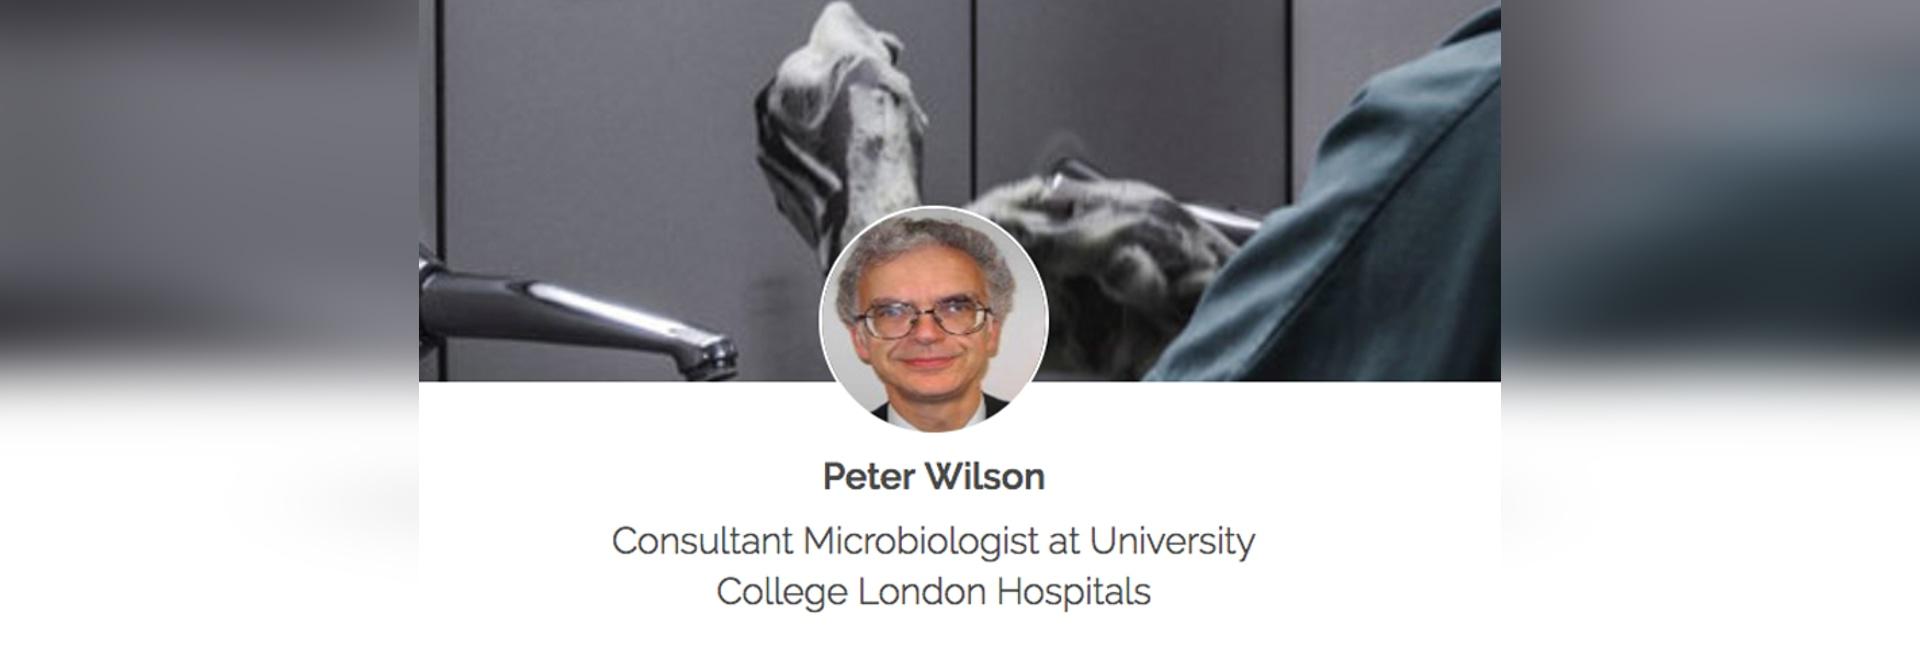 Peter Wilson - ideas elegantes y manos limpias: Cómo los ambientes afectan el control de enfermedades